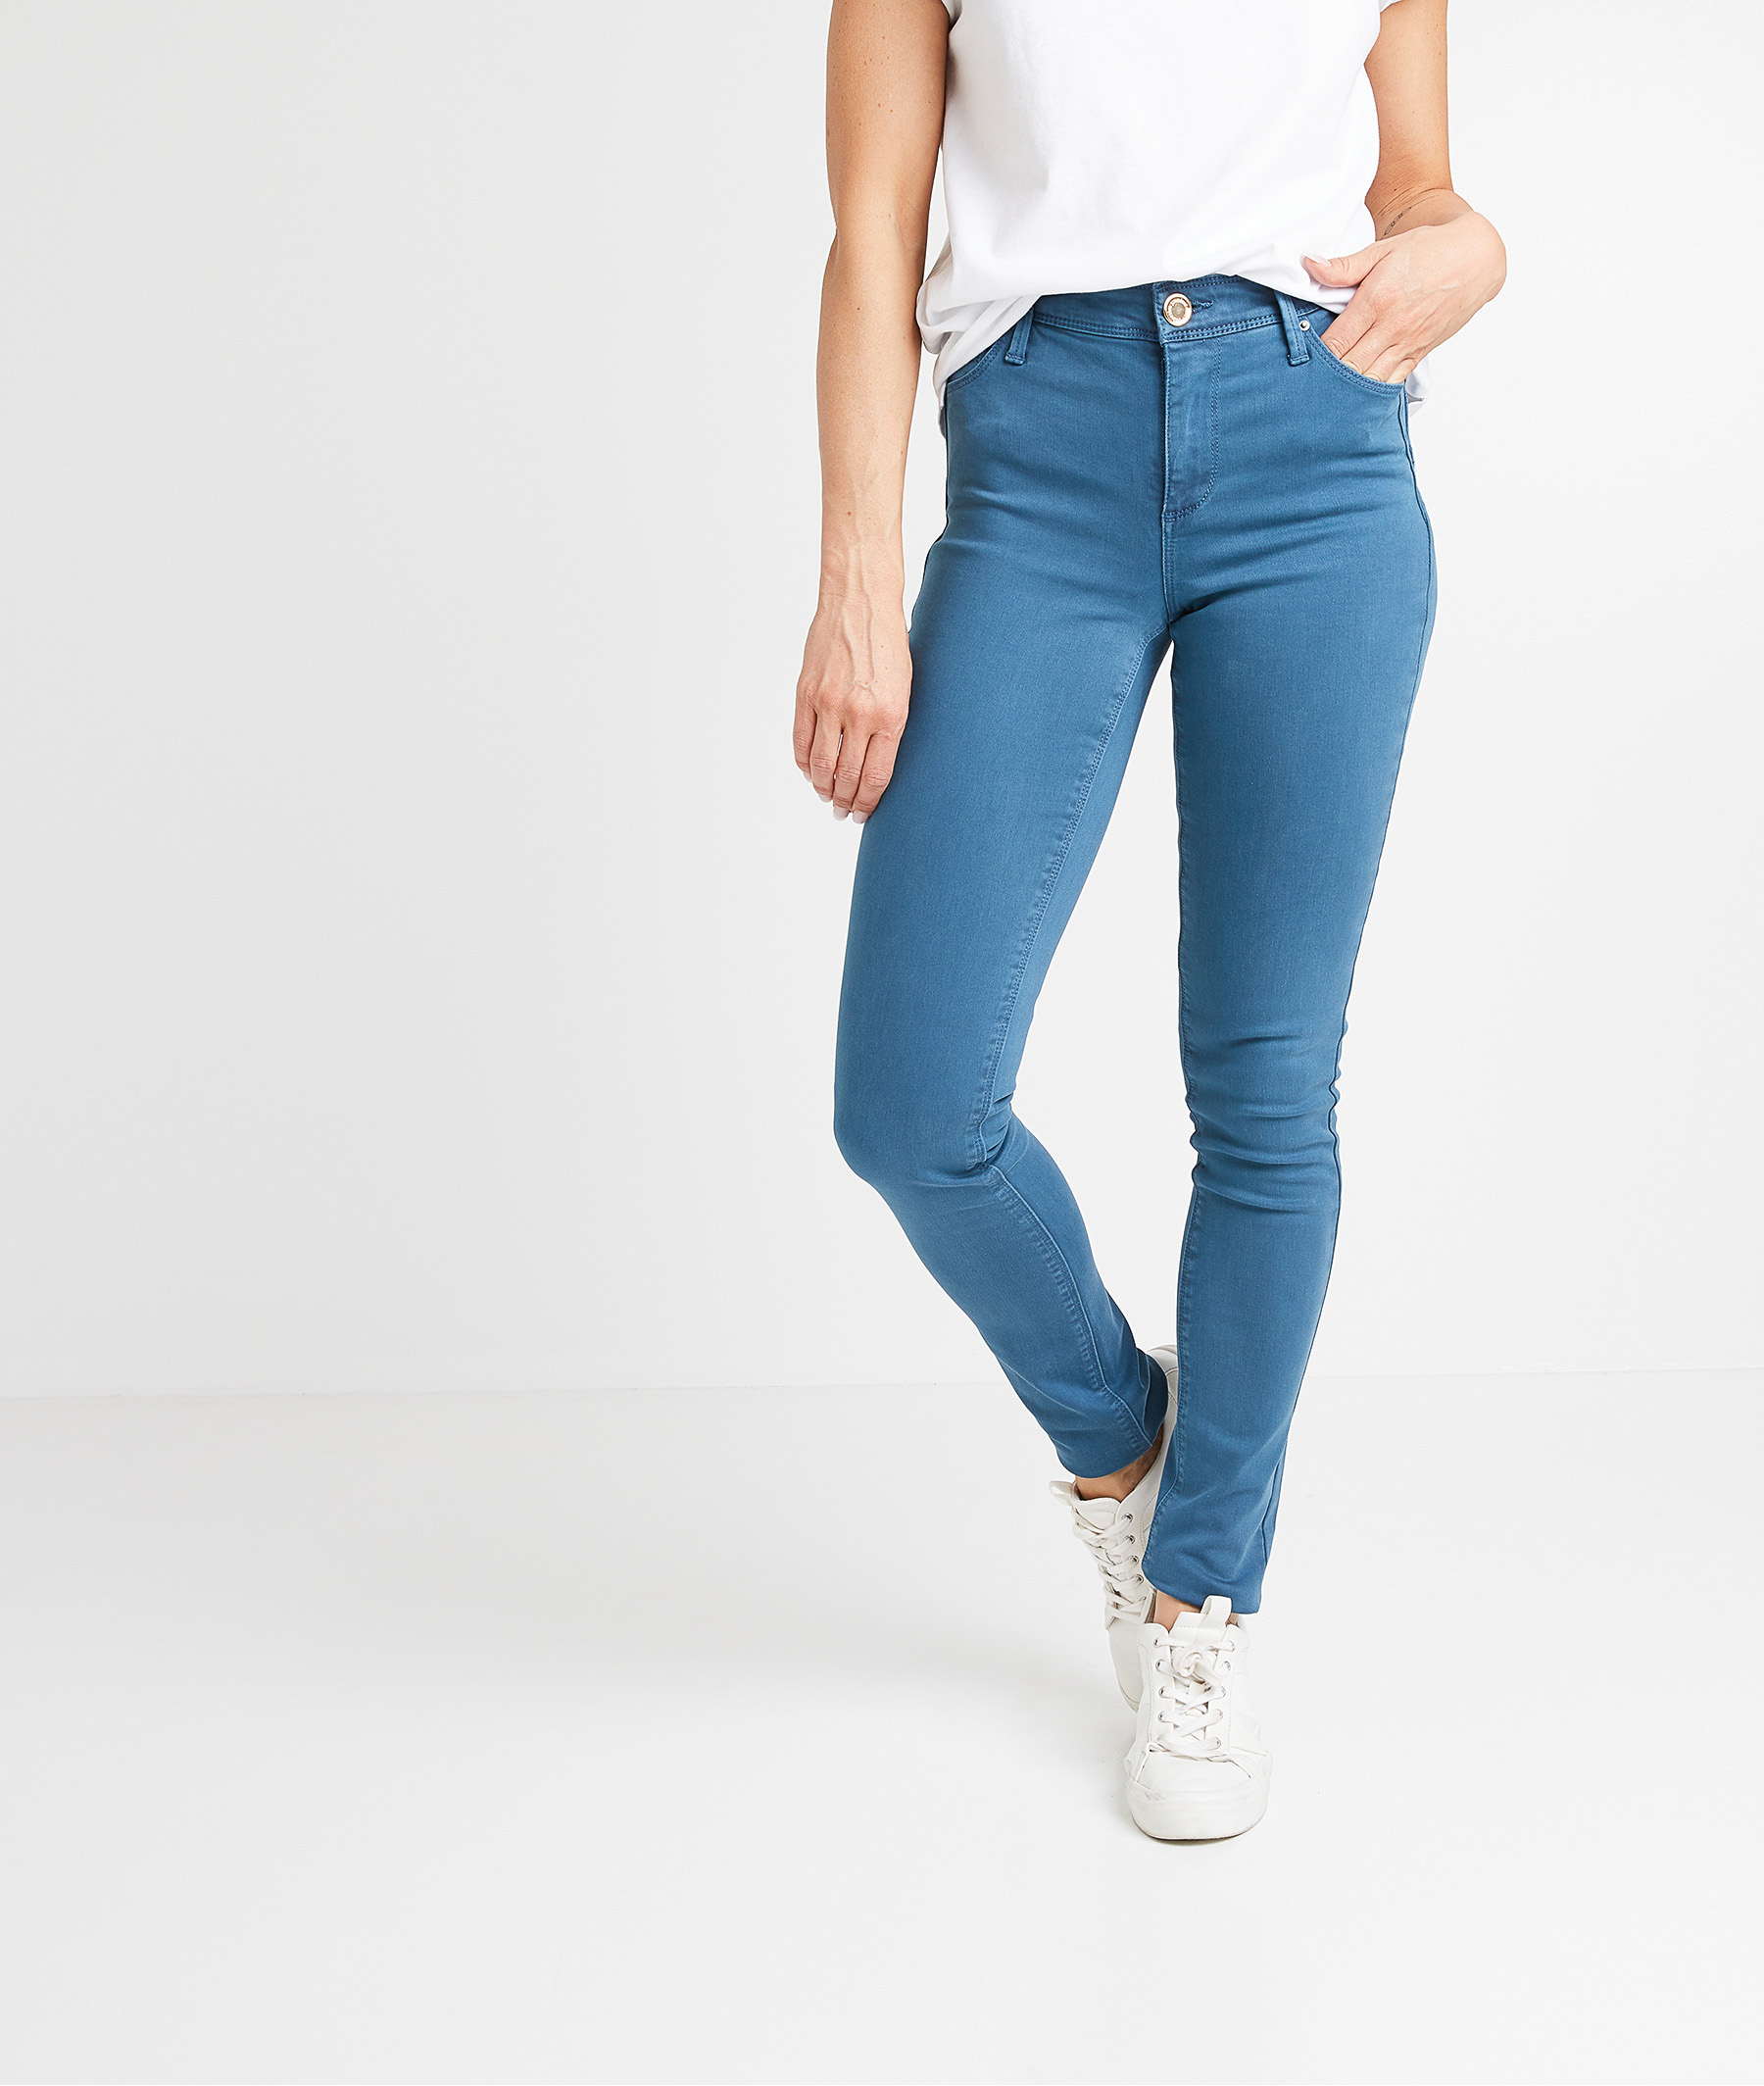 Pantalon slim push up coloré femme PERSAN